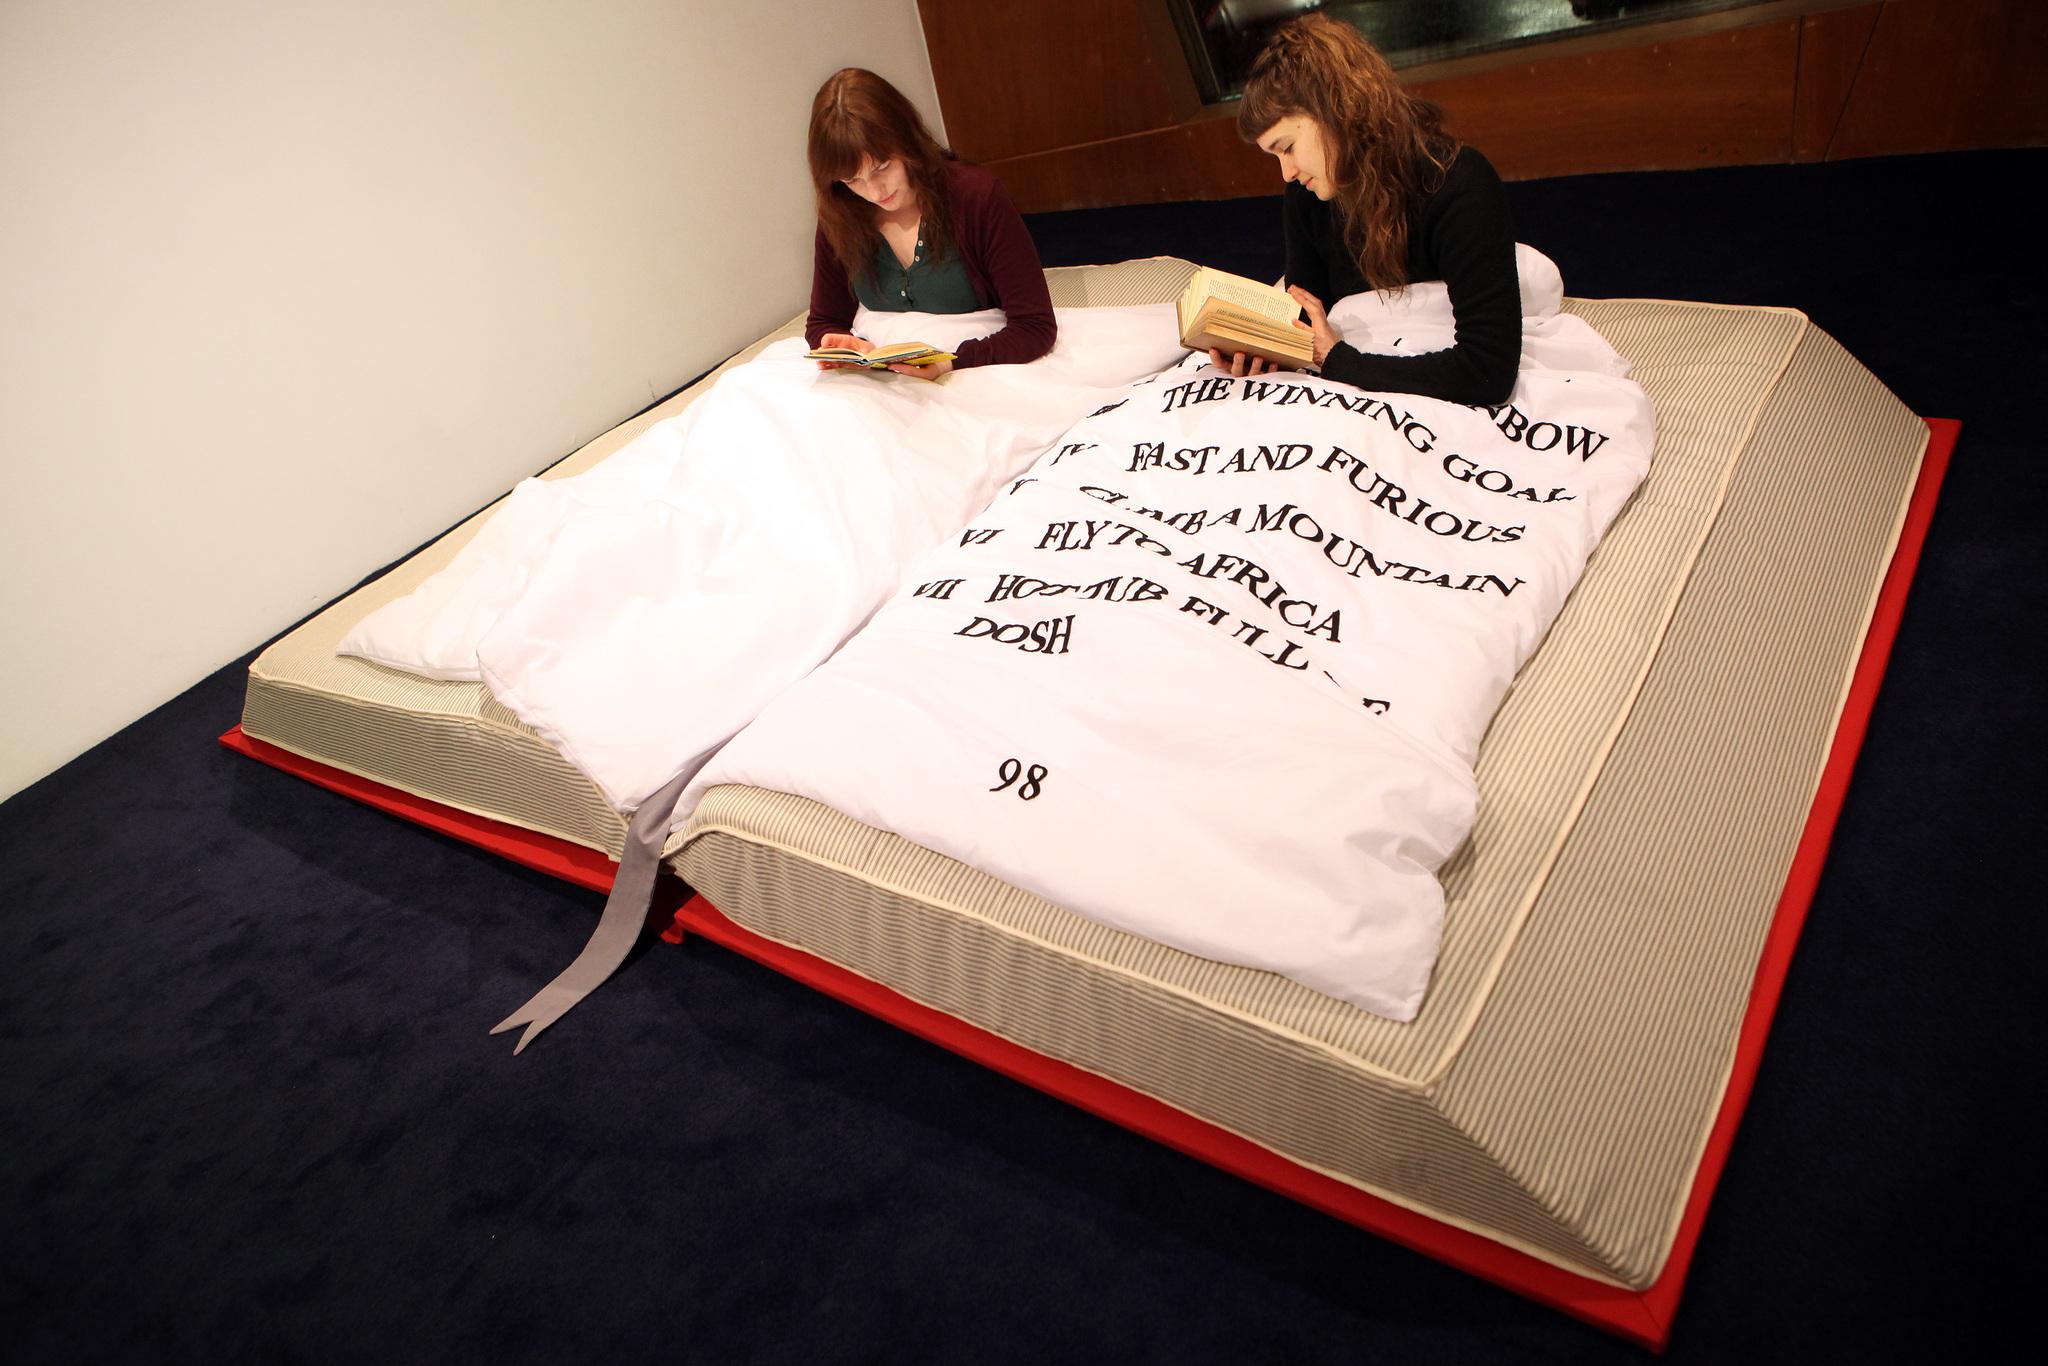 desain-tempat-tidur-berbentuk-buku-terbuka-dengan-selimut-bertulisan